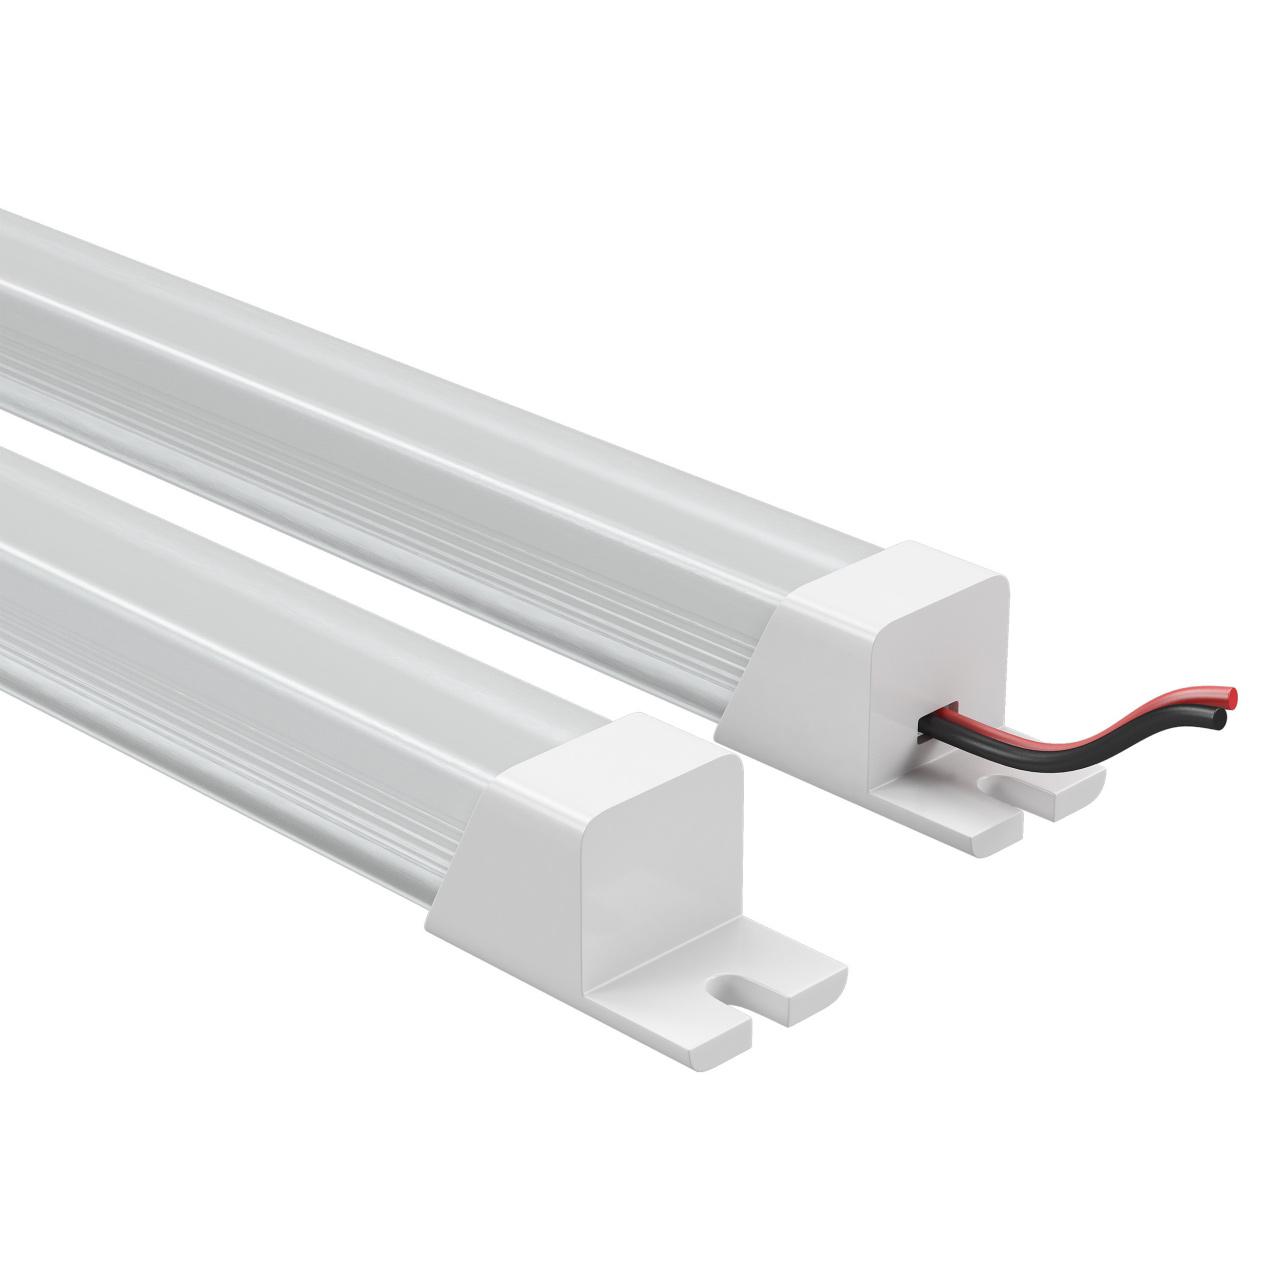 Лента в PVC-профиле Profiled 400022 12V 19.2W 240LED 3000K с прямоугольным рассеивателем, пластик, 1шт 2м Lightstar 409122